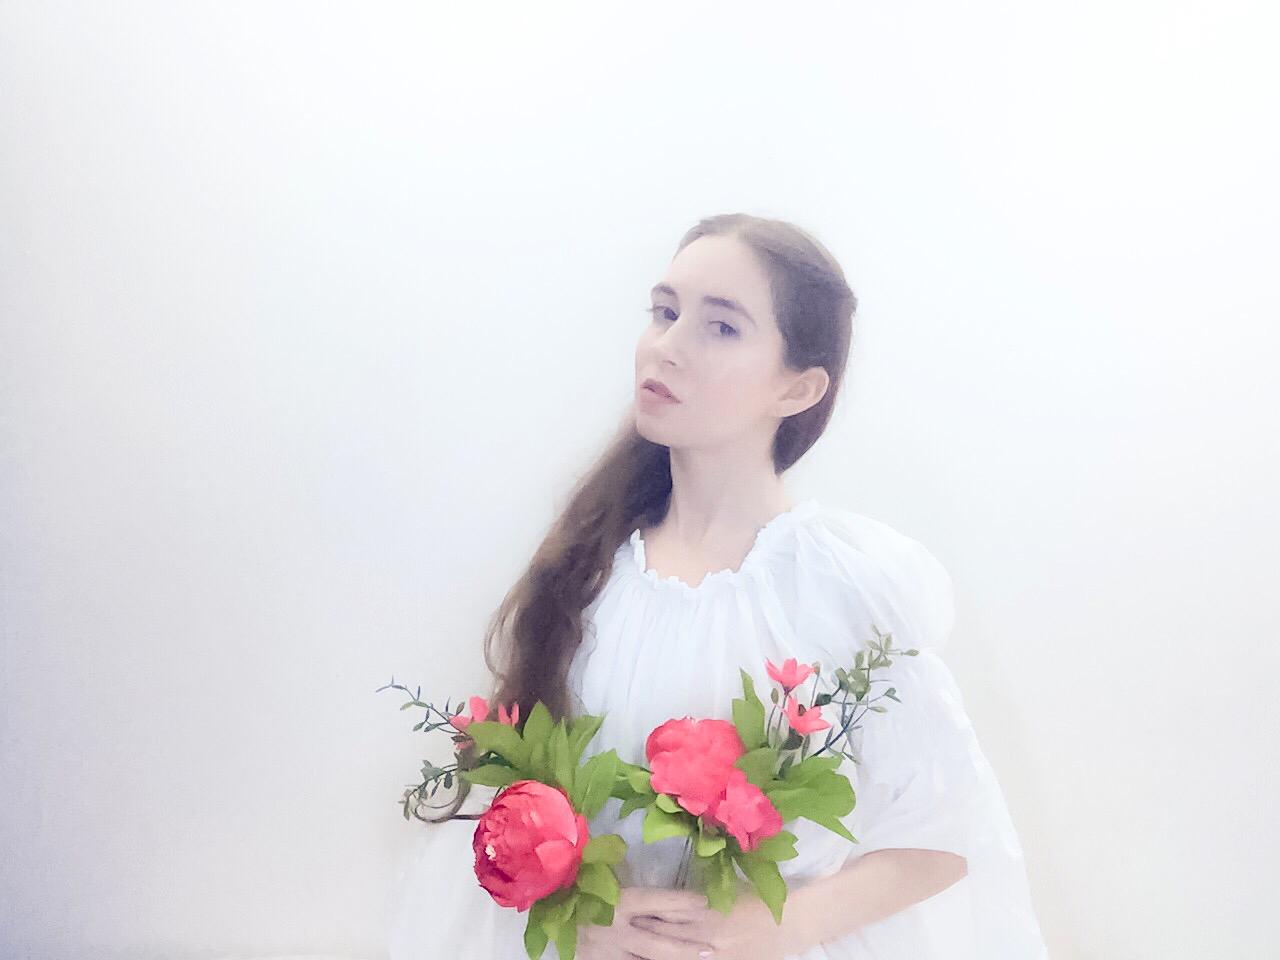 Angel of Flowers by Joan Pope